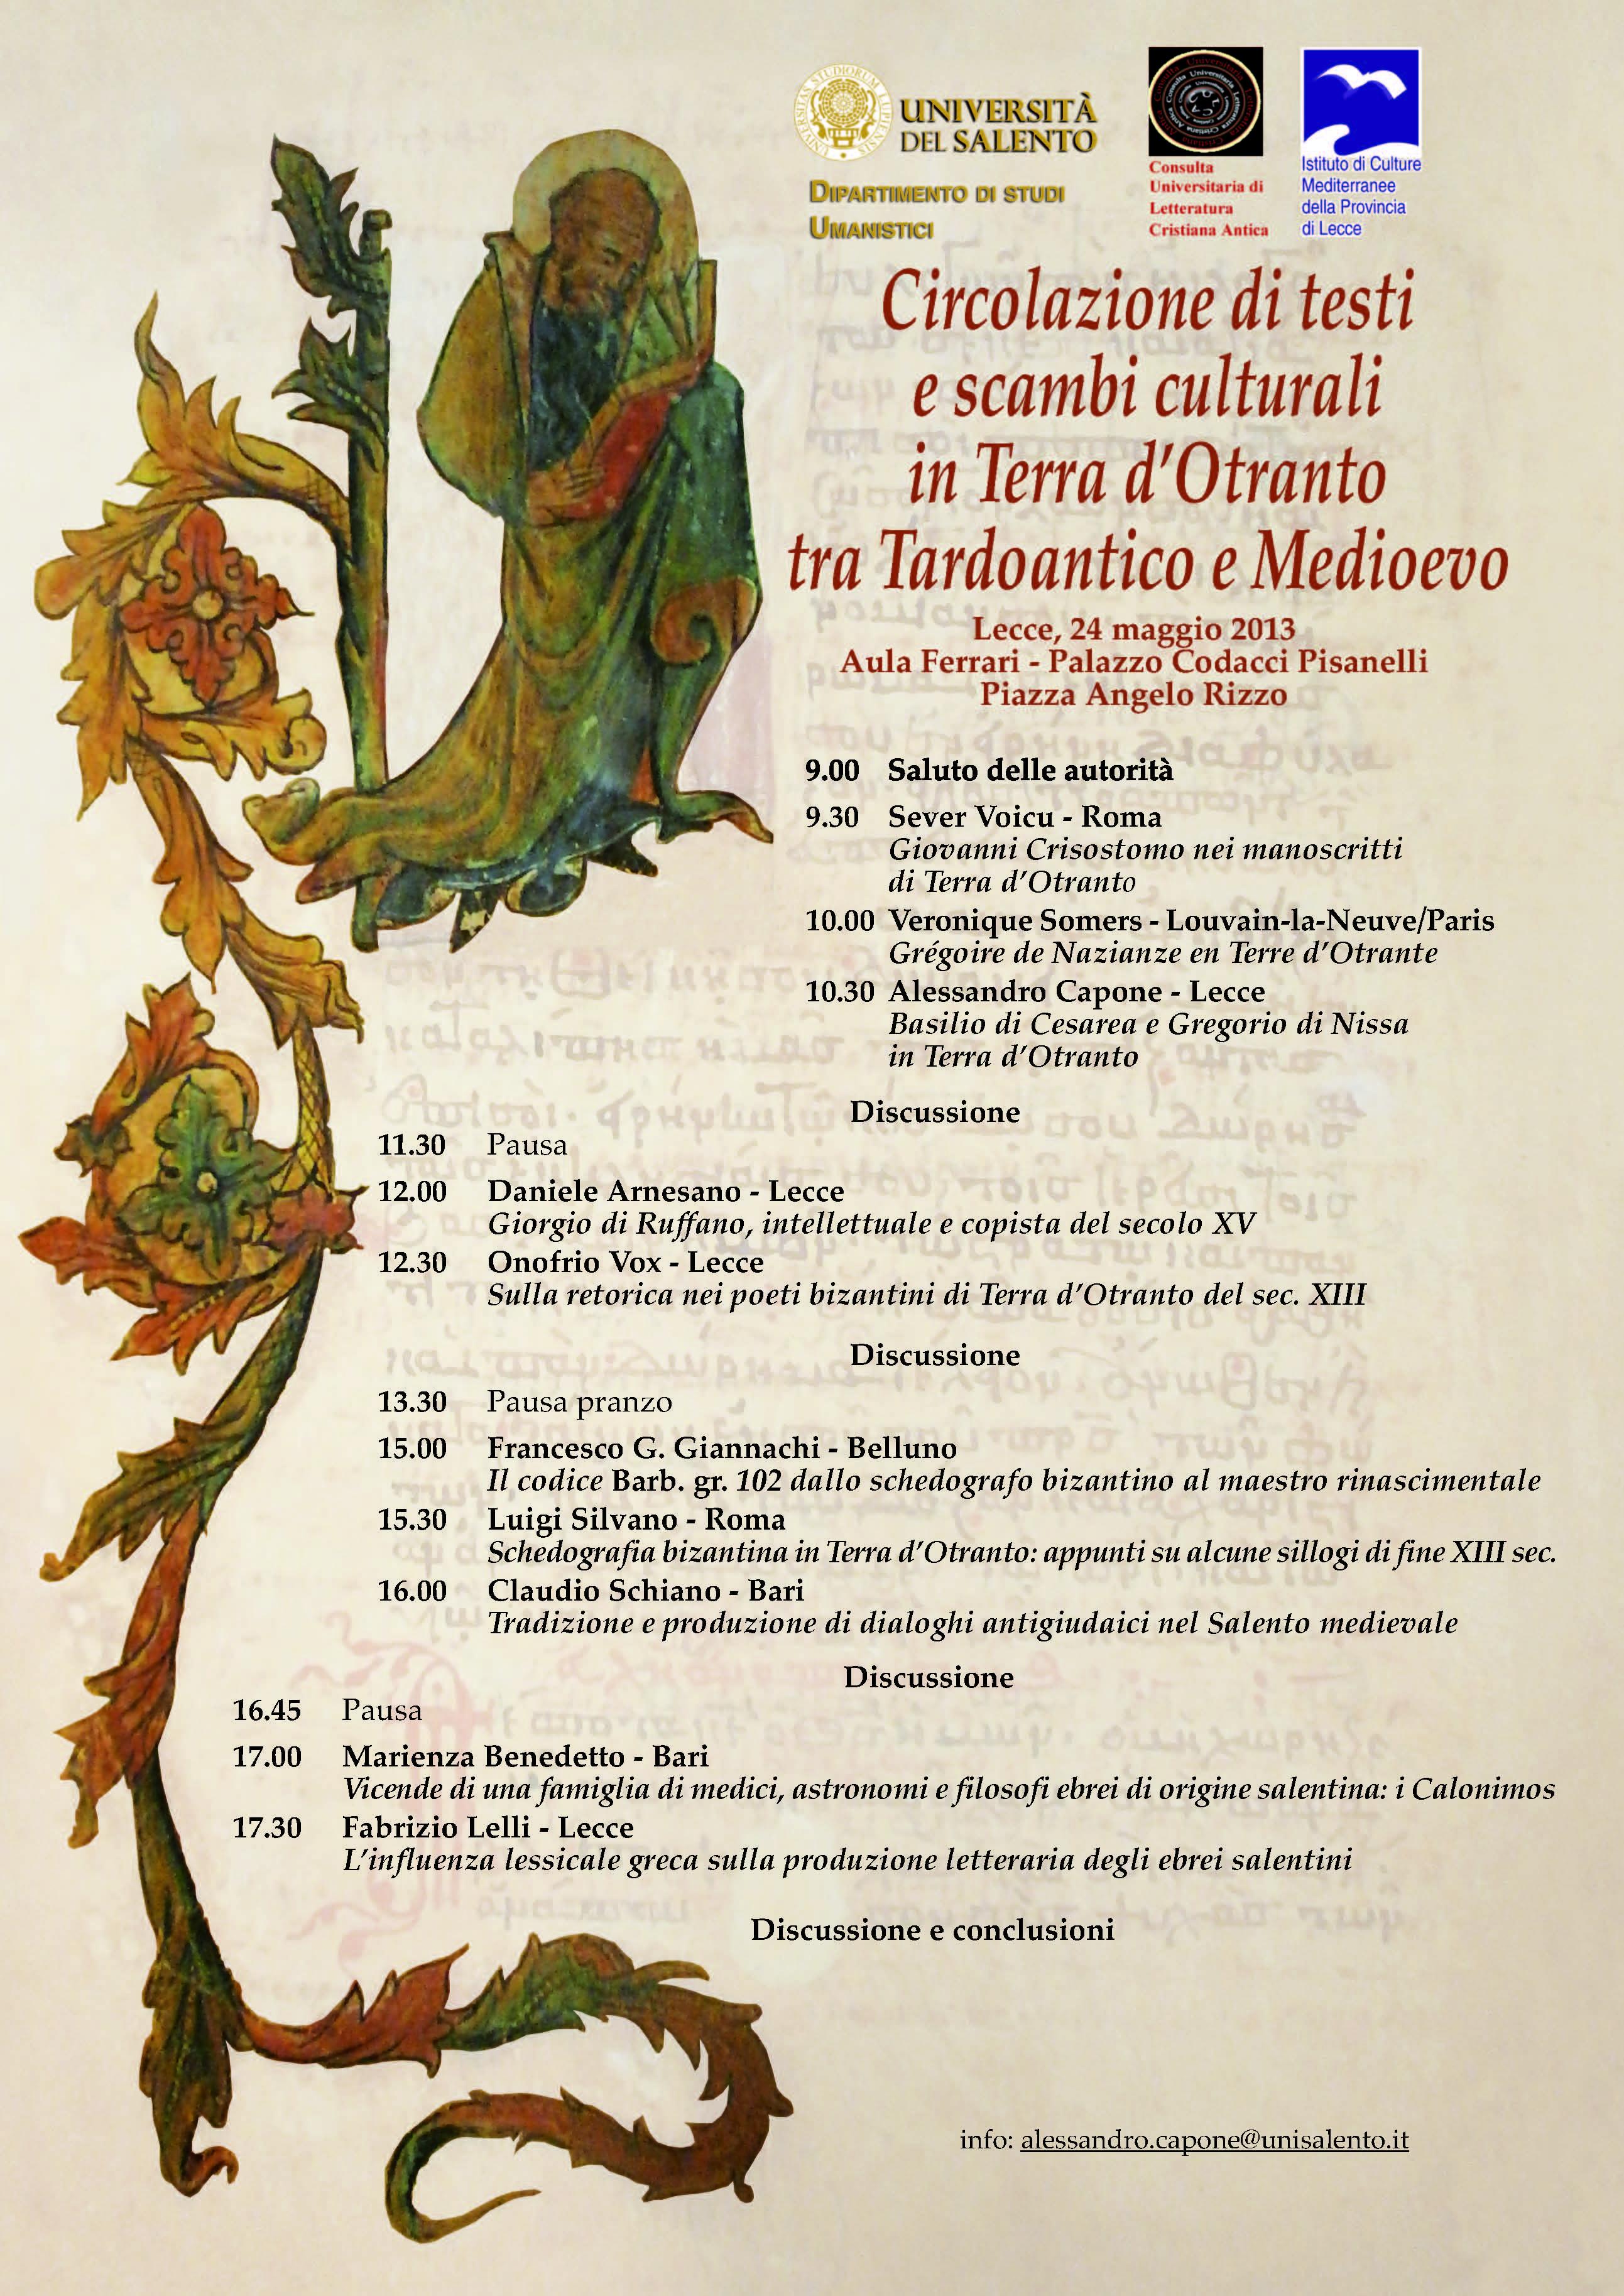 Circolazione di testi e scambi culturali in Terra d'Otranto tra Tardoantico e Medioevo-1